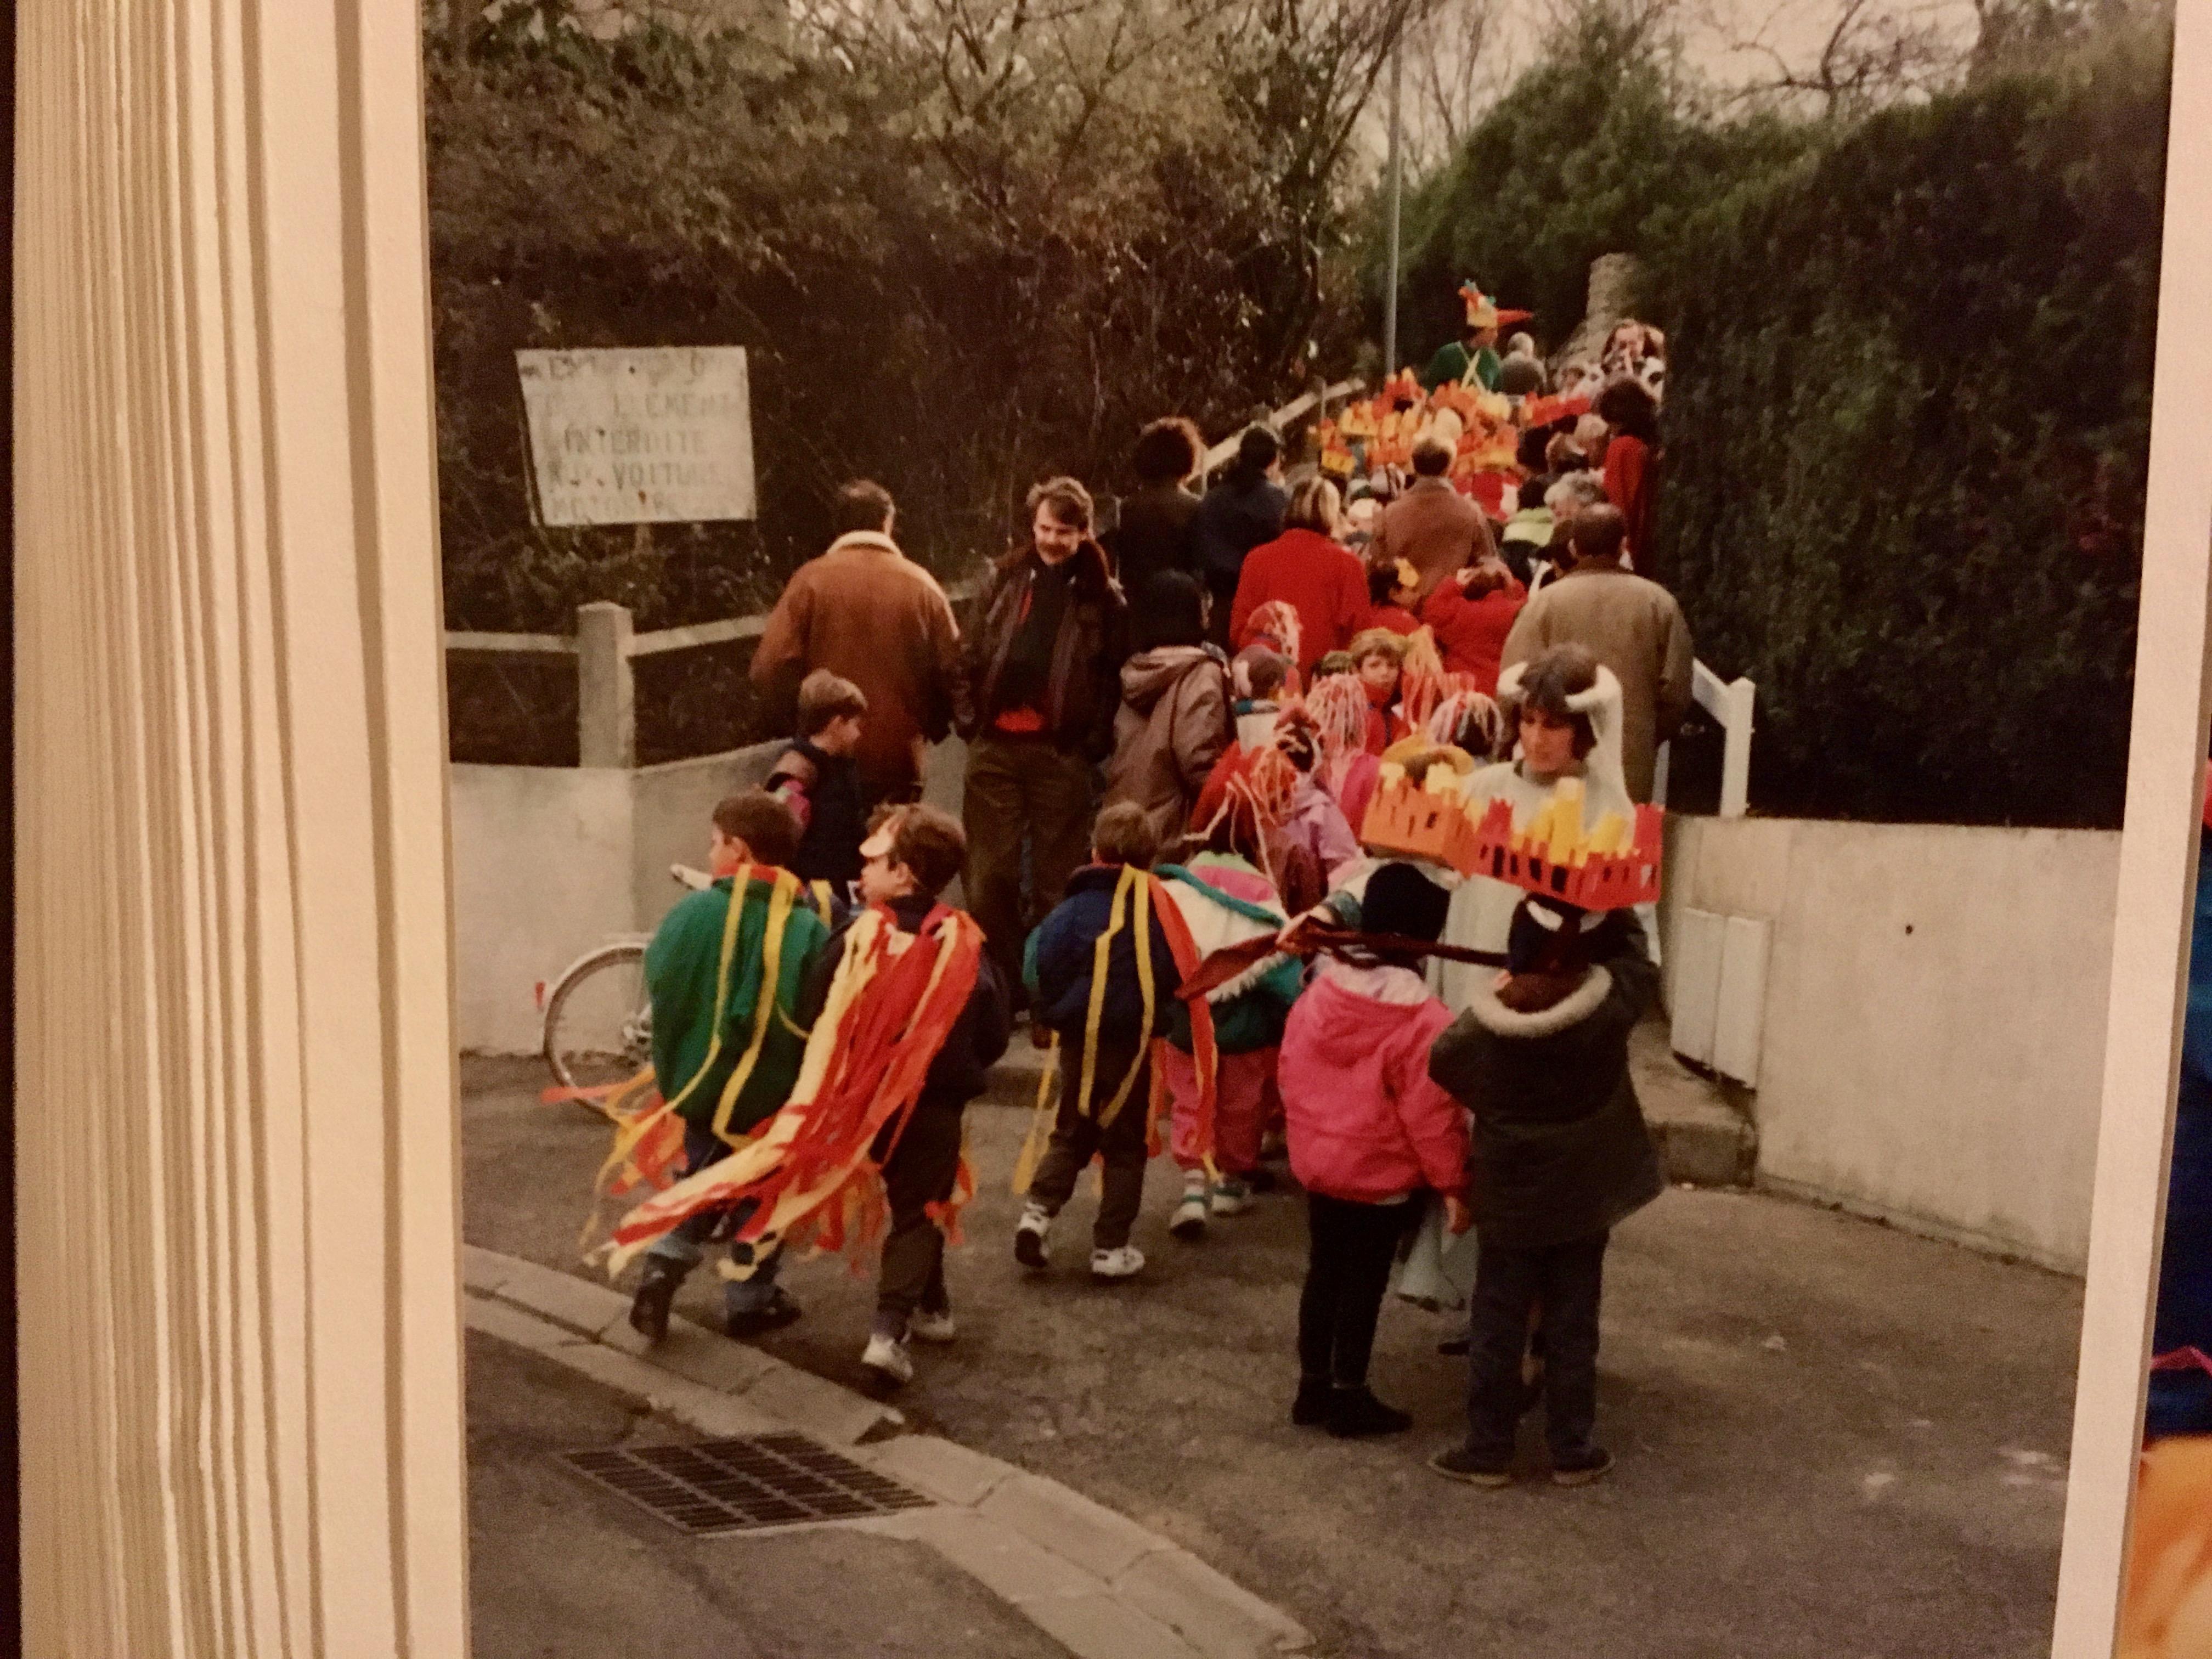 image for carnival in France